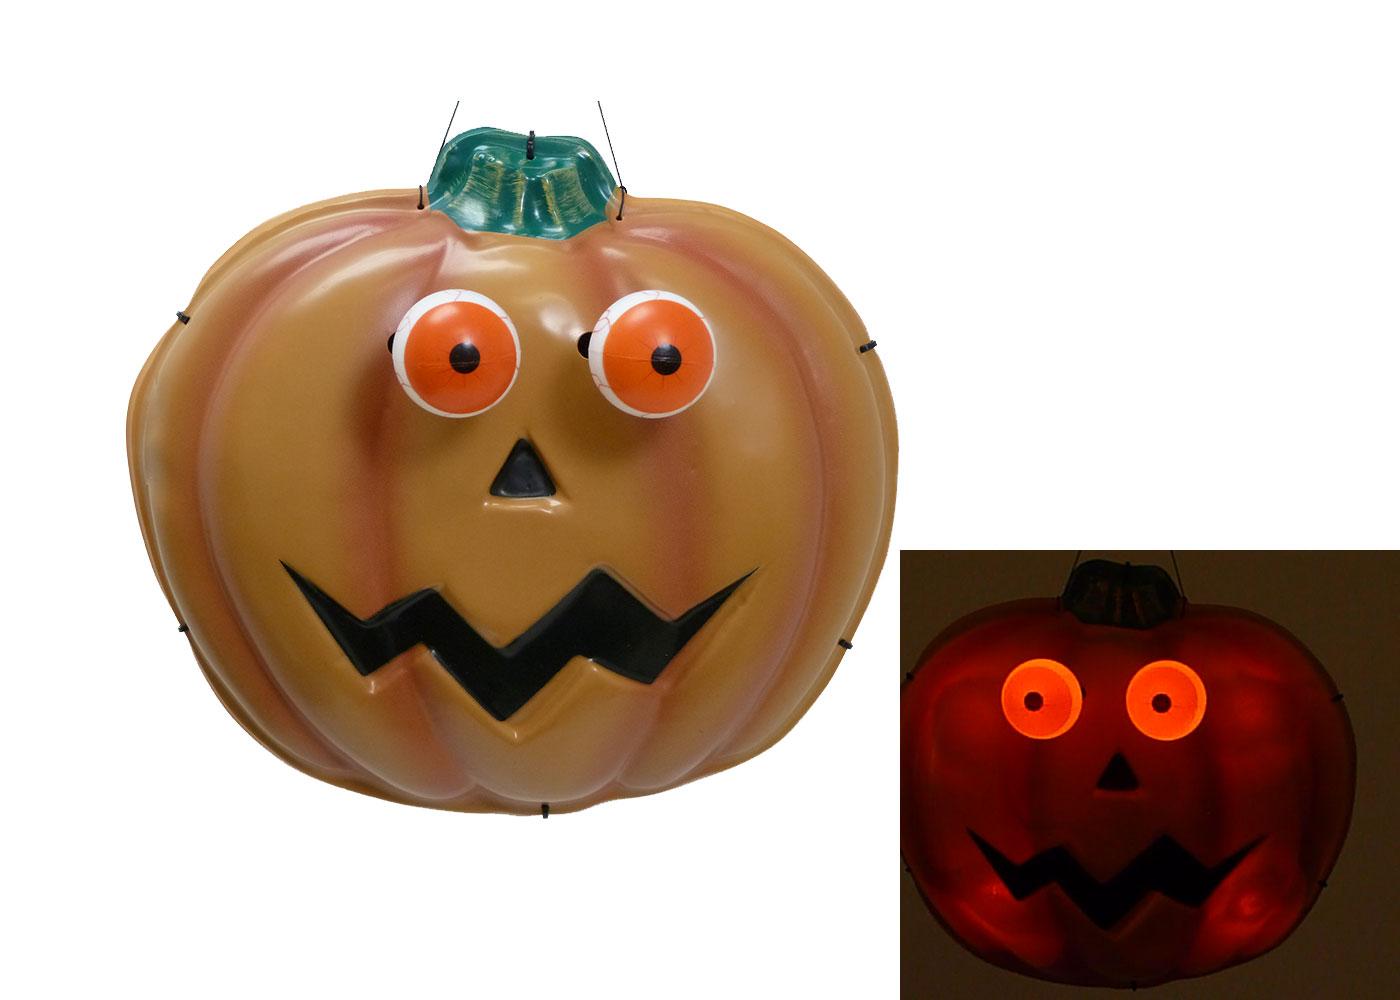 creepy eyes pumpkin halloween windowdoor hanging light